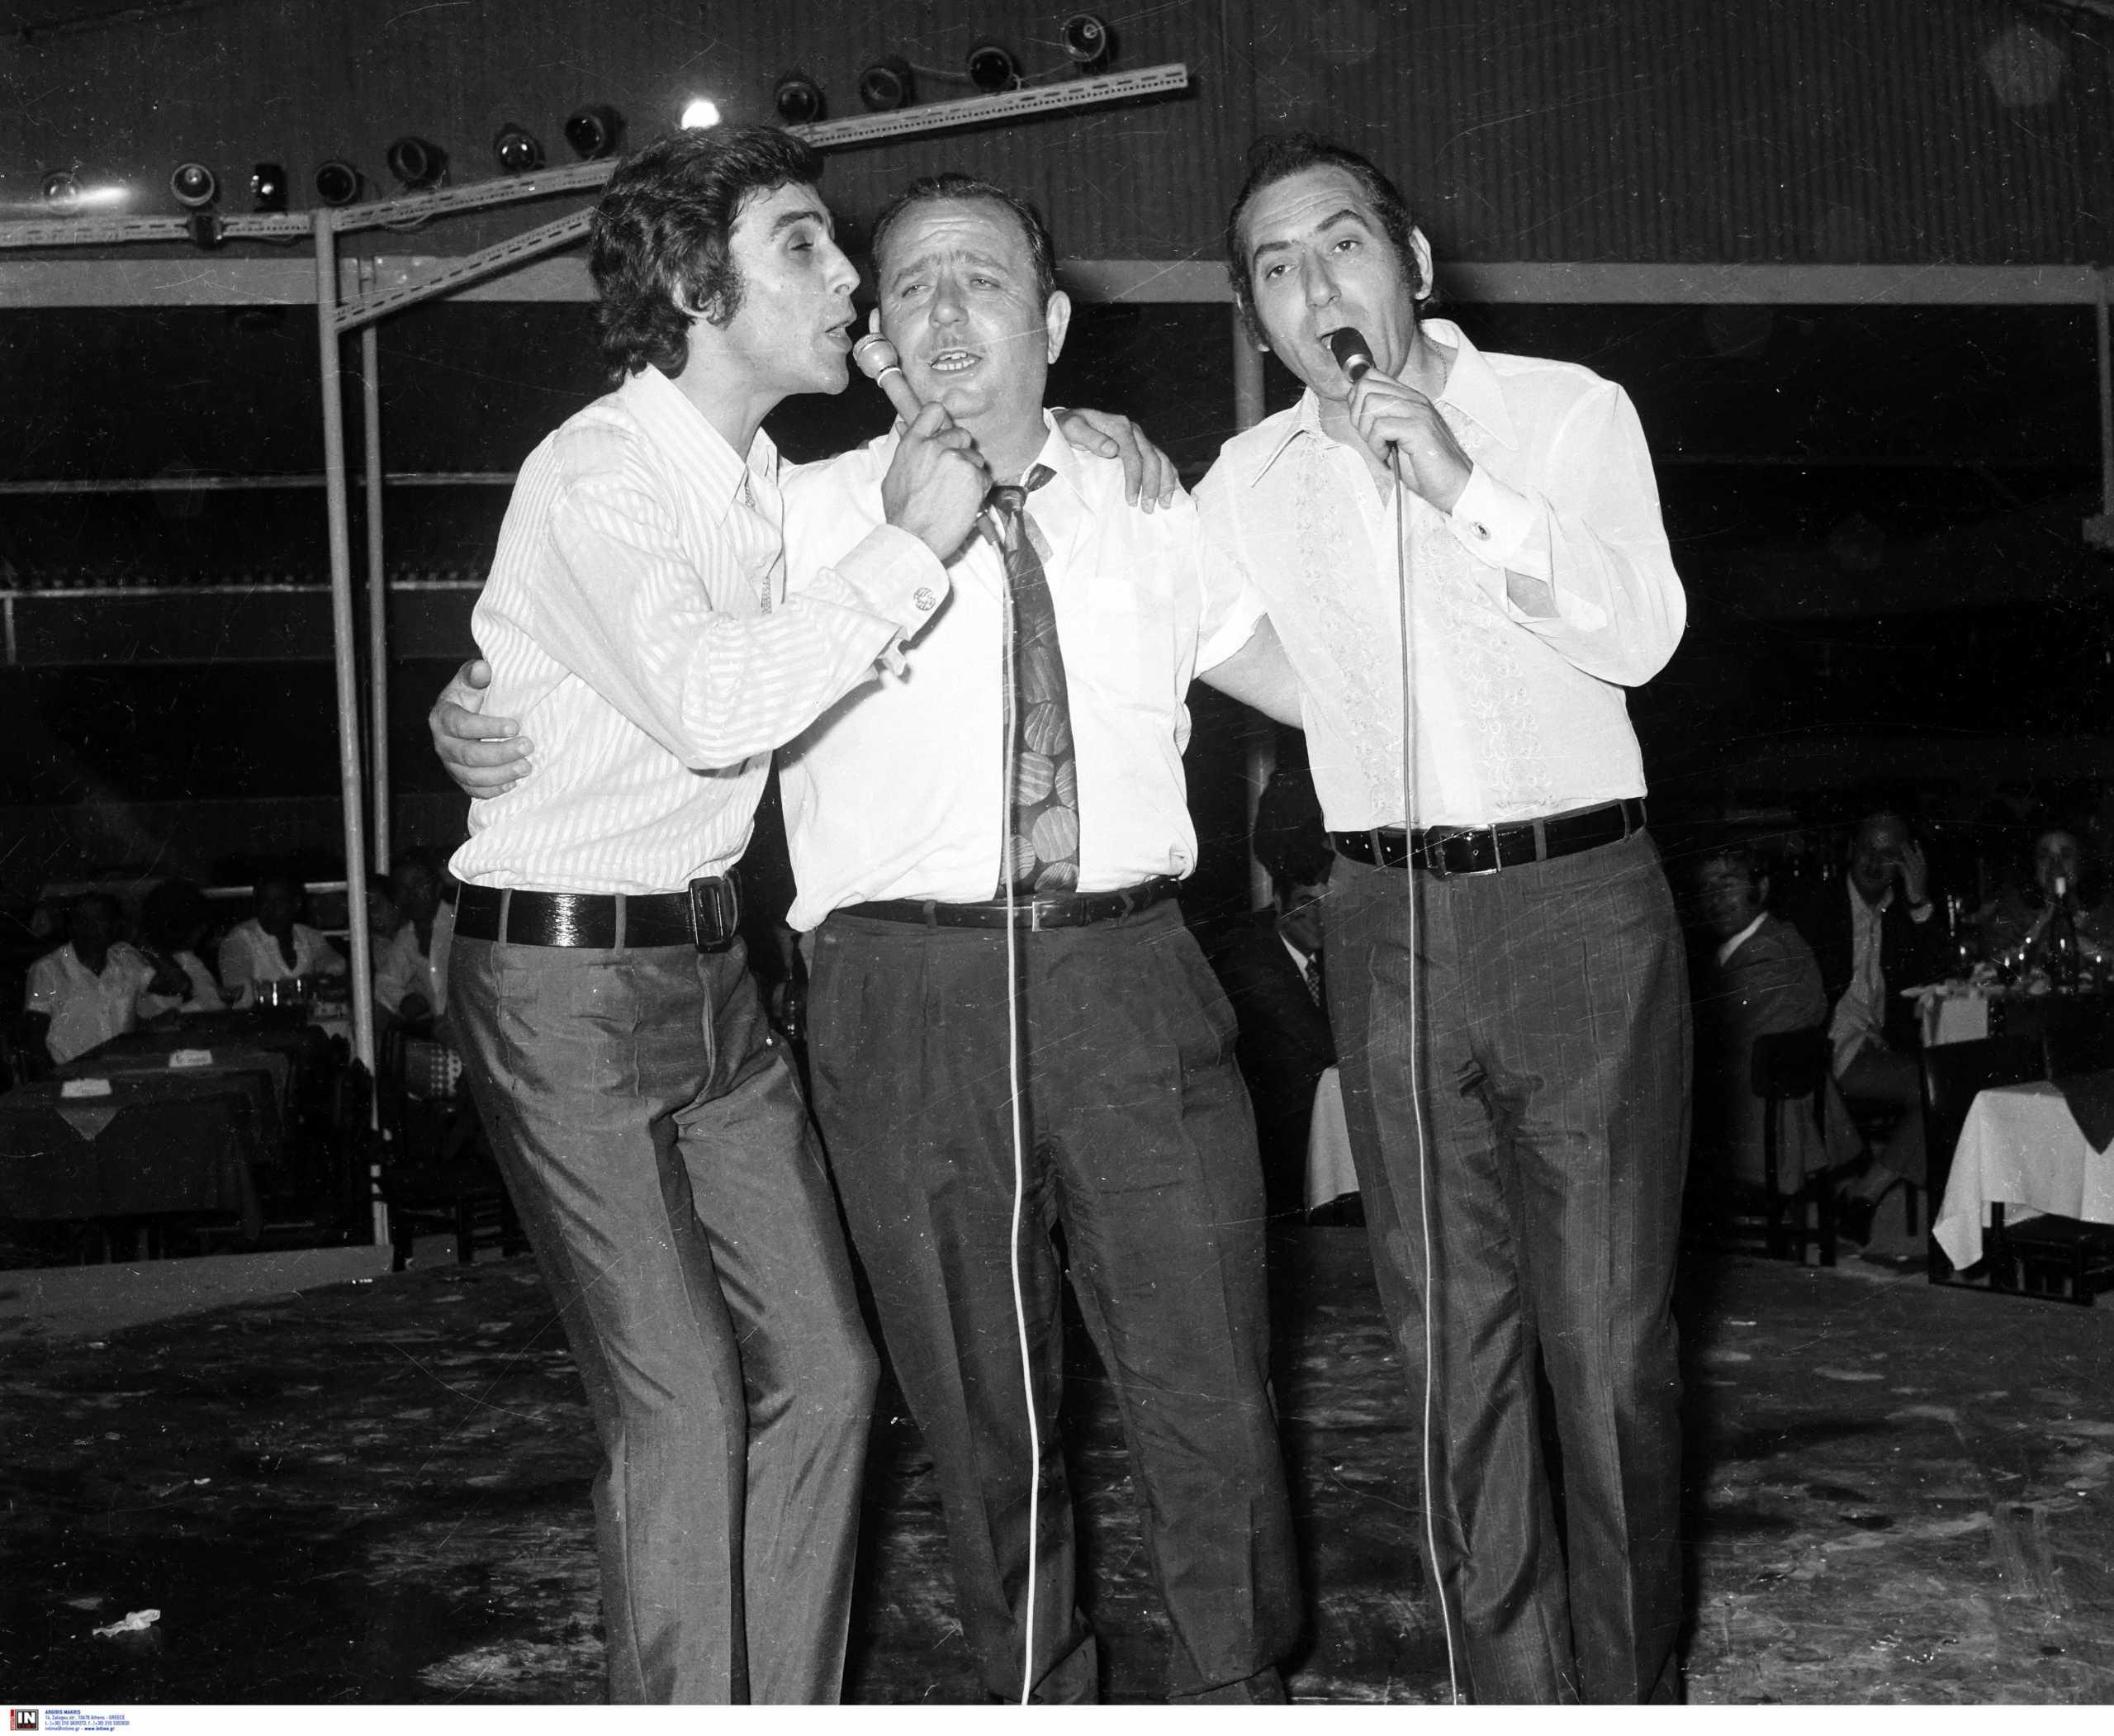 Τόλης Βοσκόπουλος: Το αντίο της ΑΕΚ στον «πρίγκιπα» και η φιέστα του 1971 στο κέντρο που τραγουδούσε